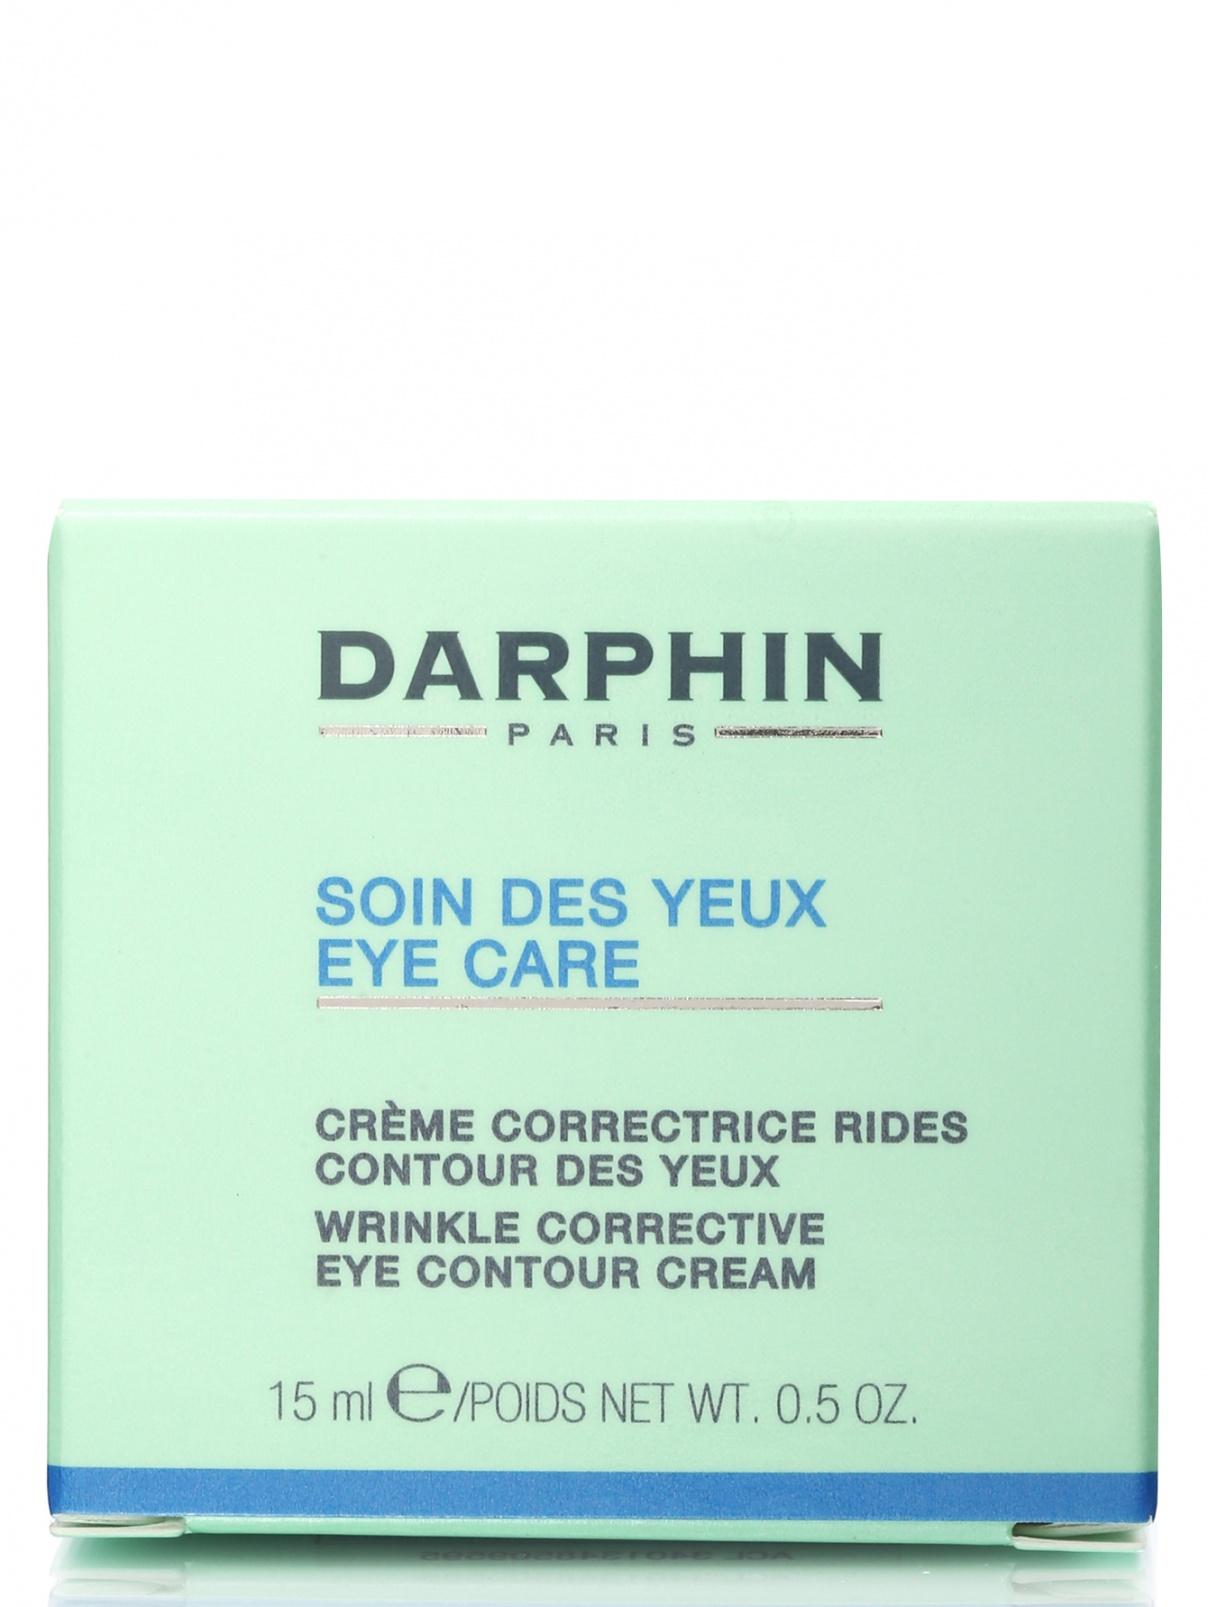 Крем для контура глаз - Face Care, 15ml Darphin  –  Модель Общий вид